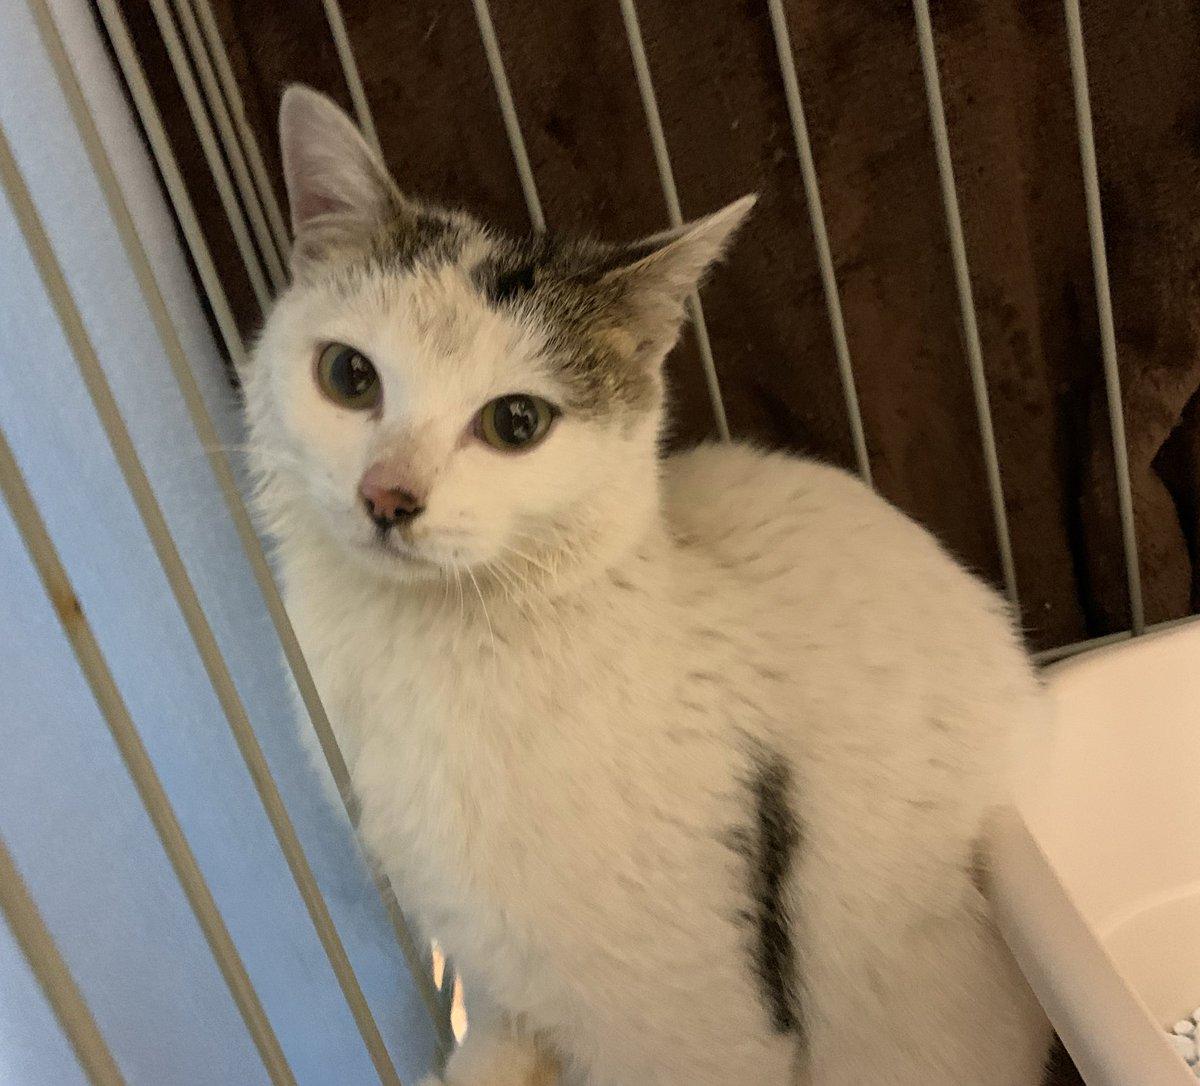 【猫を探しています‼️】 かつらちゃんが里親さん宅から脱走し行方不明です。 小さな情報でも結構です。目撃された方、お心当たりがある方はDM下さい。どうしても、どうしても見つけてあげたいです。どうしてもです‼️ 宜しくお願い致します‼️ #千葉県 #船橋市 #三山 #4丁目  #拡散希望 #迷子猫 #迷い猫